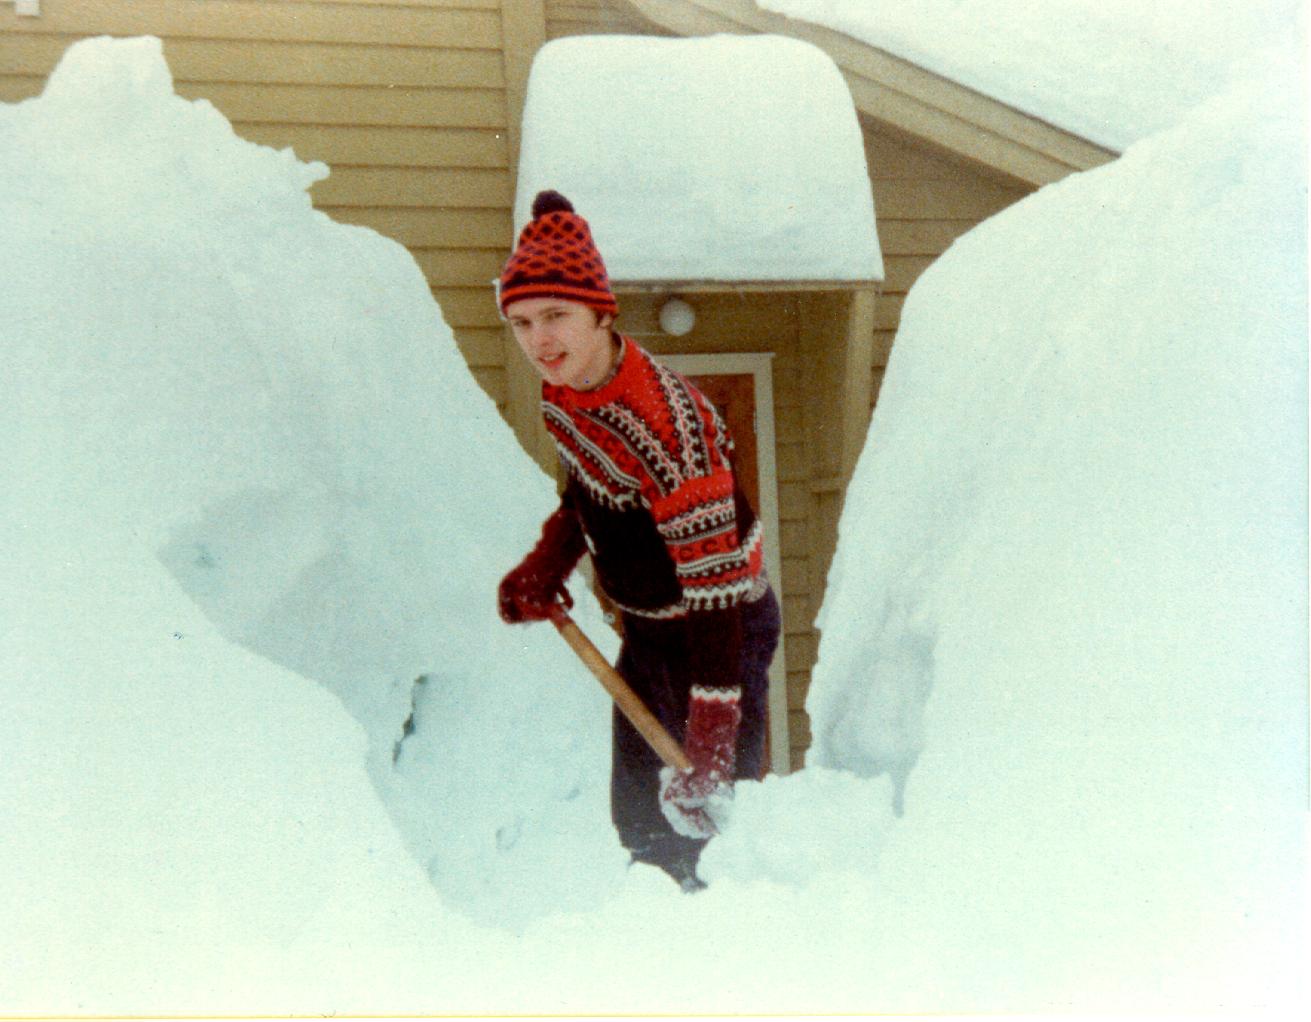 Beaucoup de neige est typique de Fjærland en hiver.